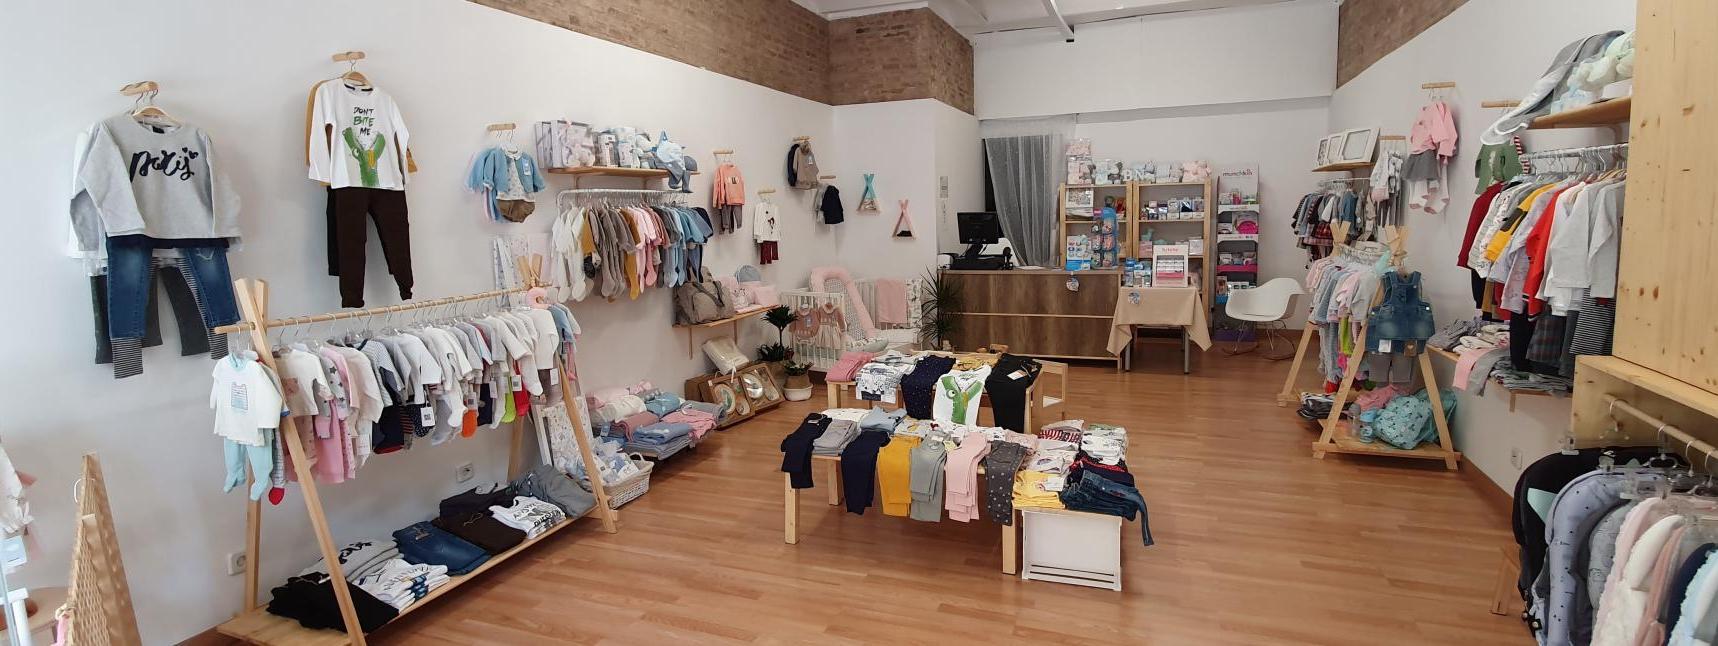 ¿Dónde me pueden asesorar bien para comprar ropa para bebés?